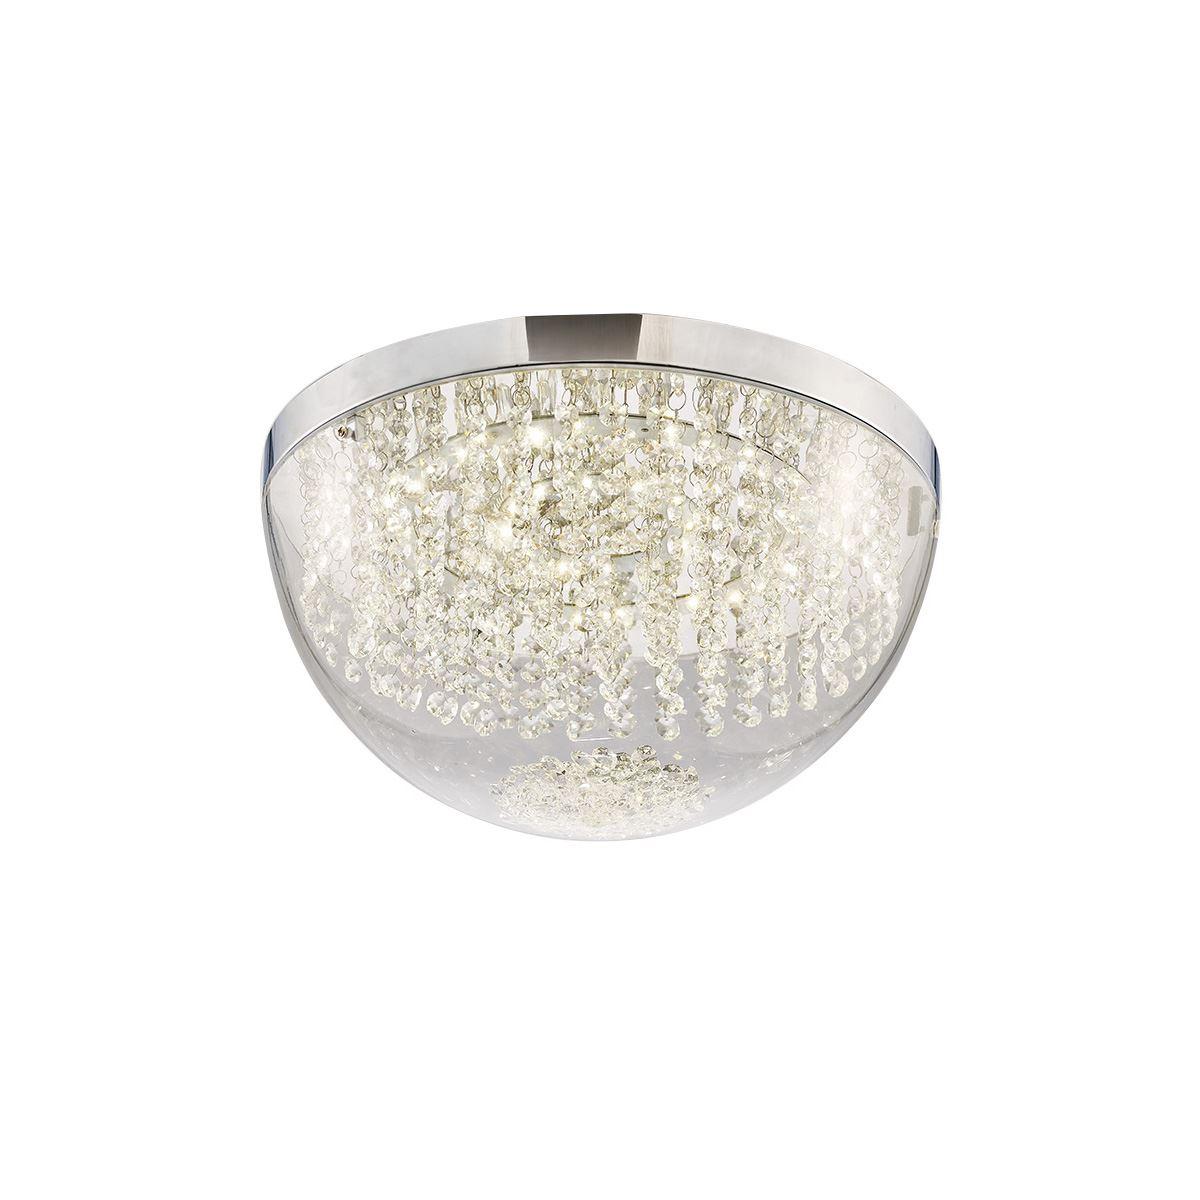 Diyas IL80013 Harper Large Ceiling 21W 1600lm LED 4000K Polished Chrome/Crystal